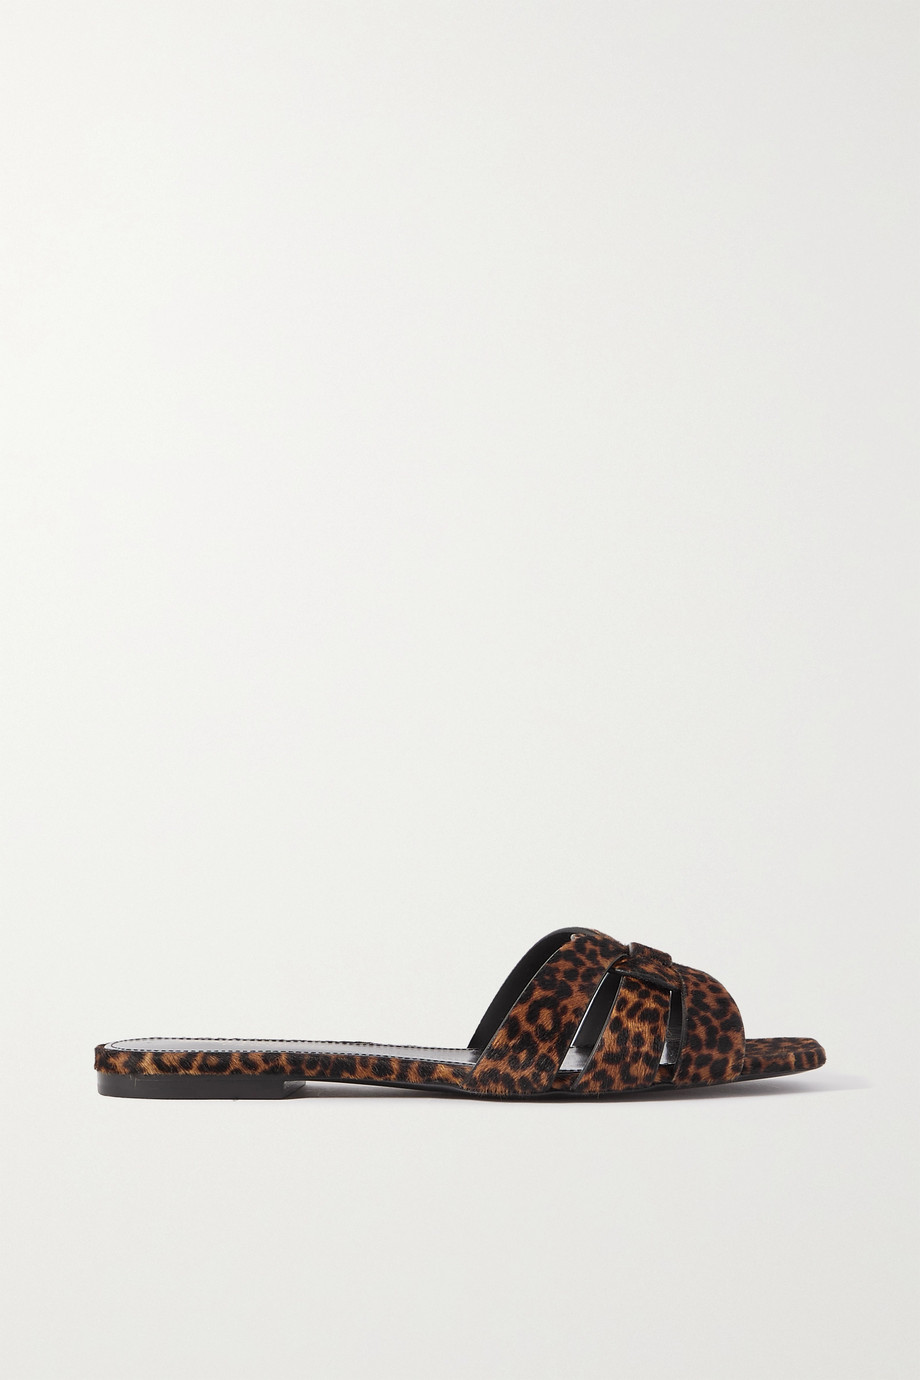 SAINT LAURENT Claquettes en façon poulain tressé à imprimé léopard Nu Pieds